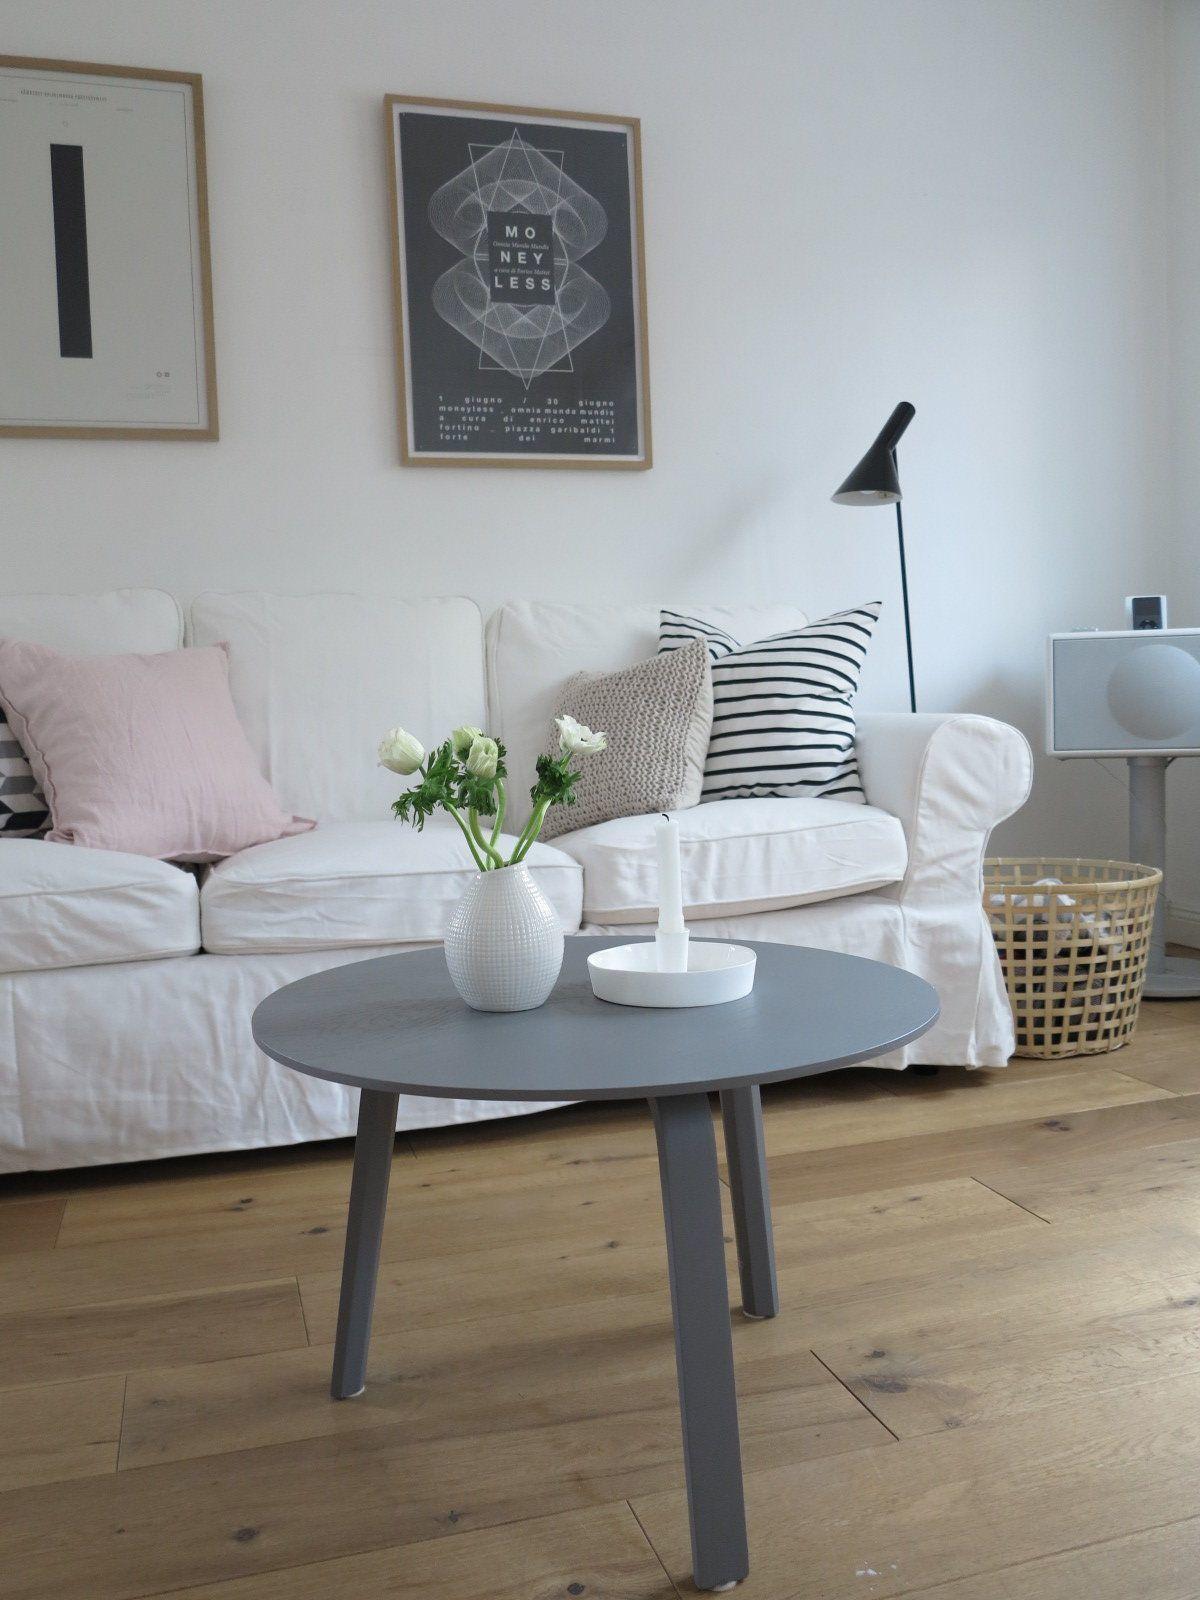 Amazing Kuhle Startseite Dekoration Modernen Dekoration Wohnzimmer Fruhling #11: Frühling Drinnen Und Draußen - SOMMERKLEID!